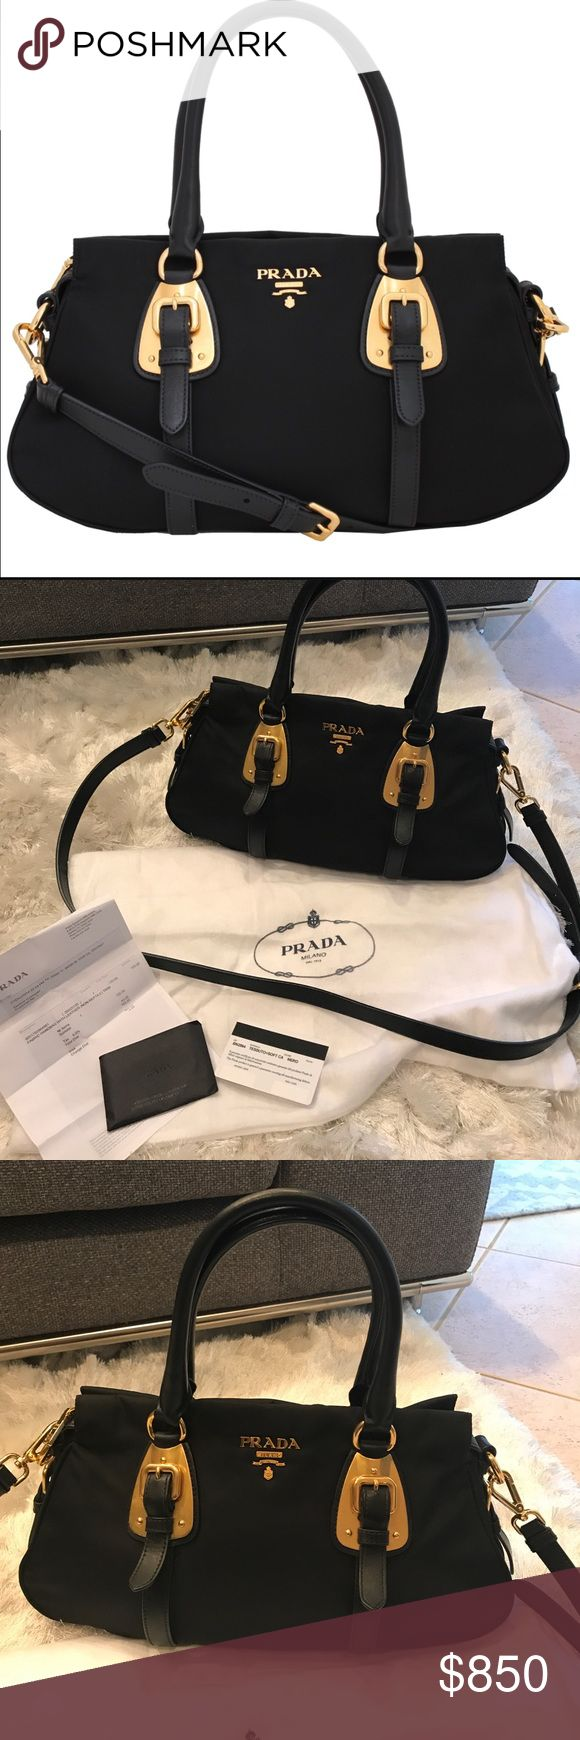 Prada tessuto bag Excellent conditions 💯 Authentic Prada Tessuto soft.     Dust bag, receipt and Authenticity cards included. Sz Medium. Prada Bags